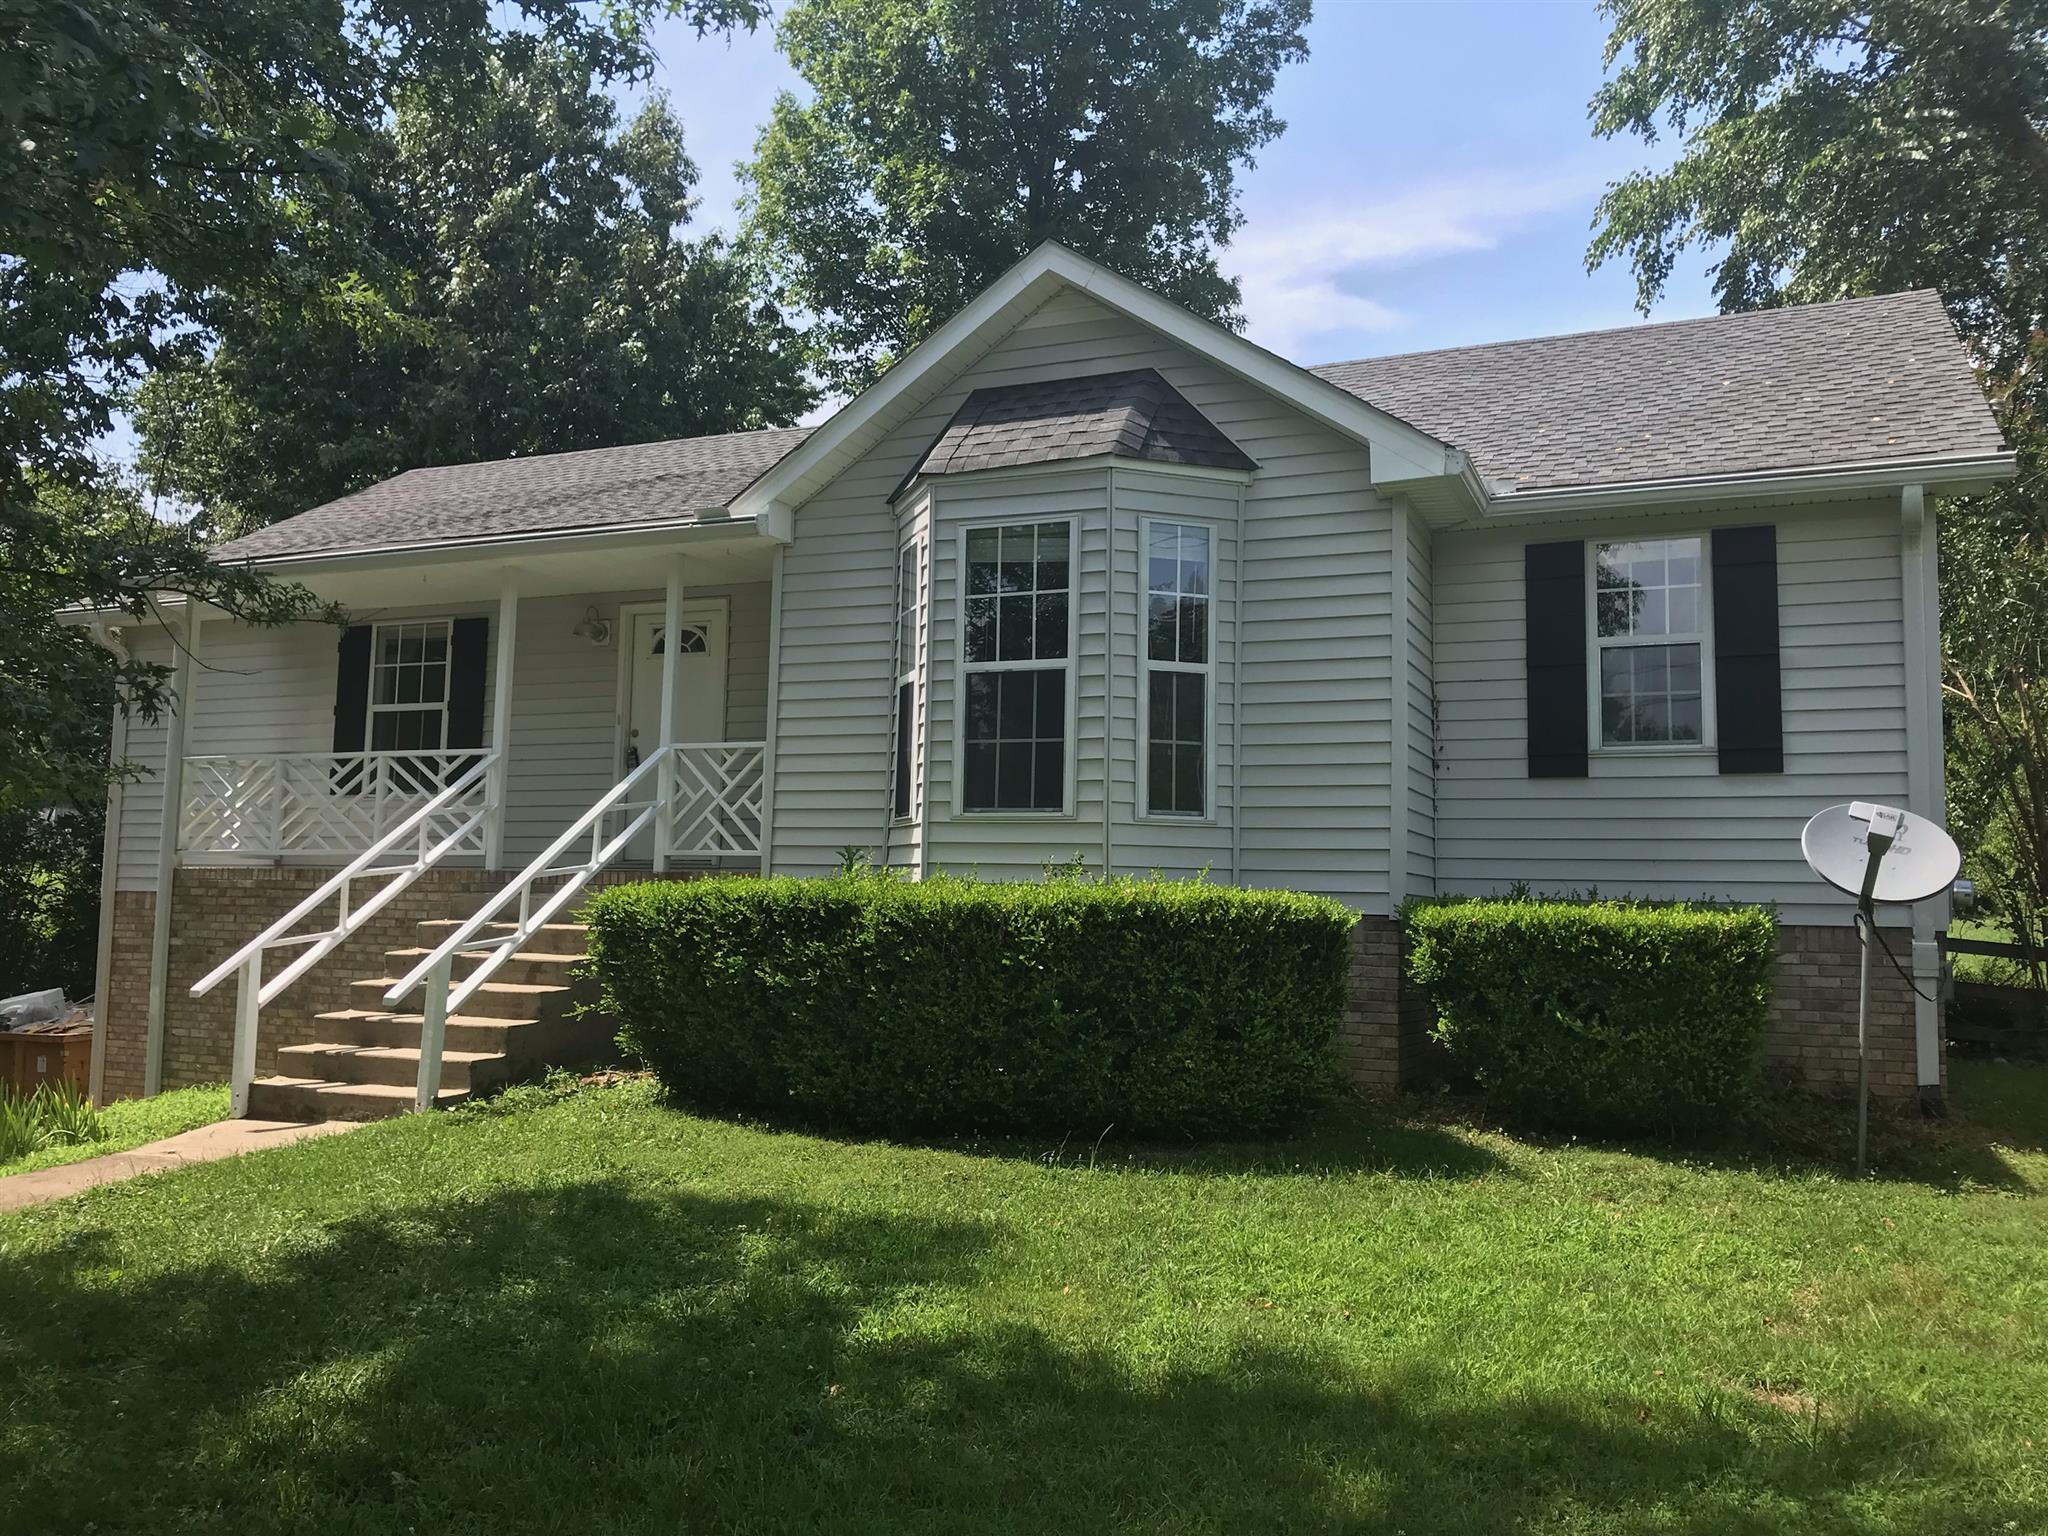 2939 Charlie Sleigh Rd, Woodlawn, TN 37191 - Woodlawn, TN real estate listing